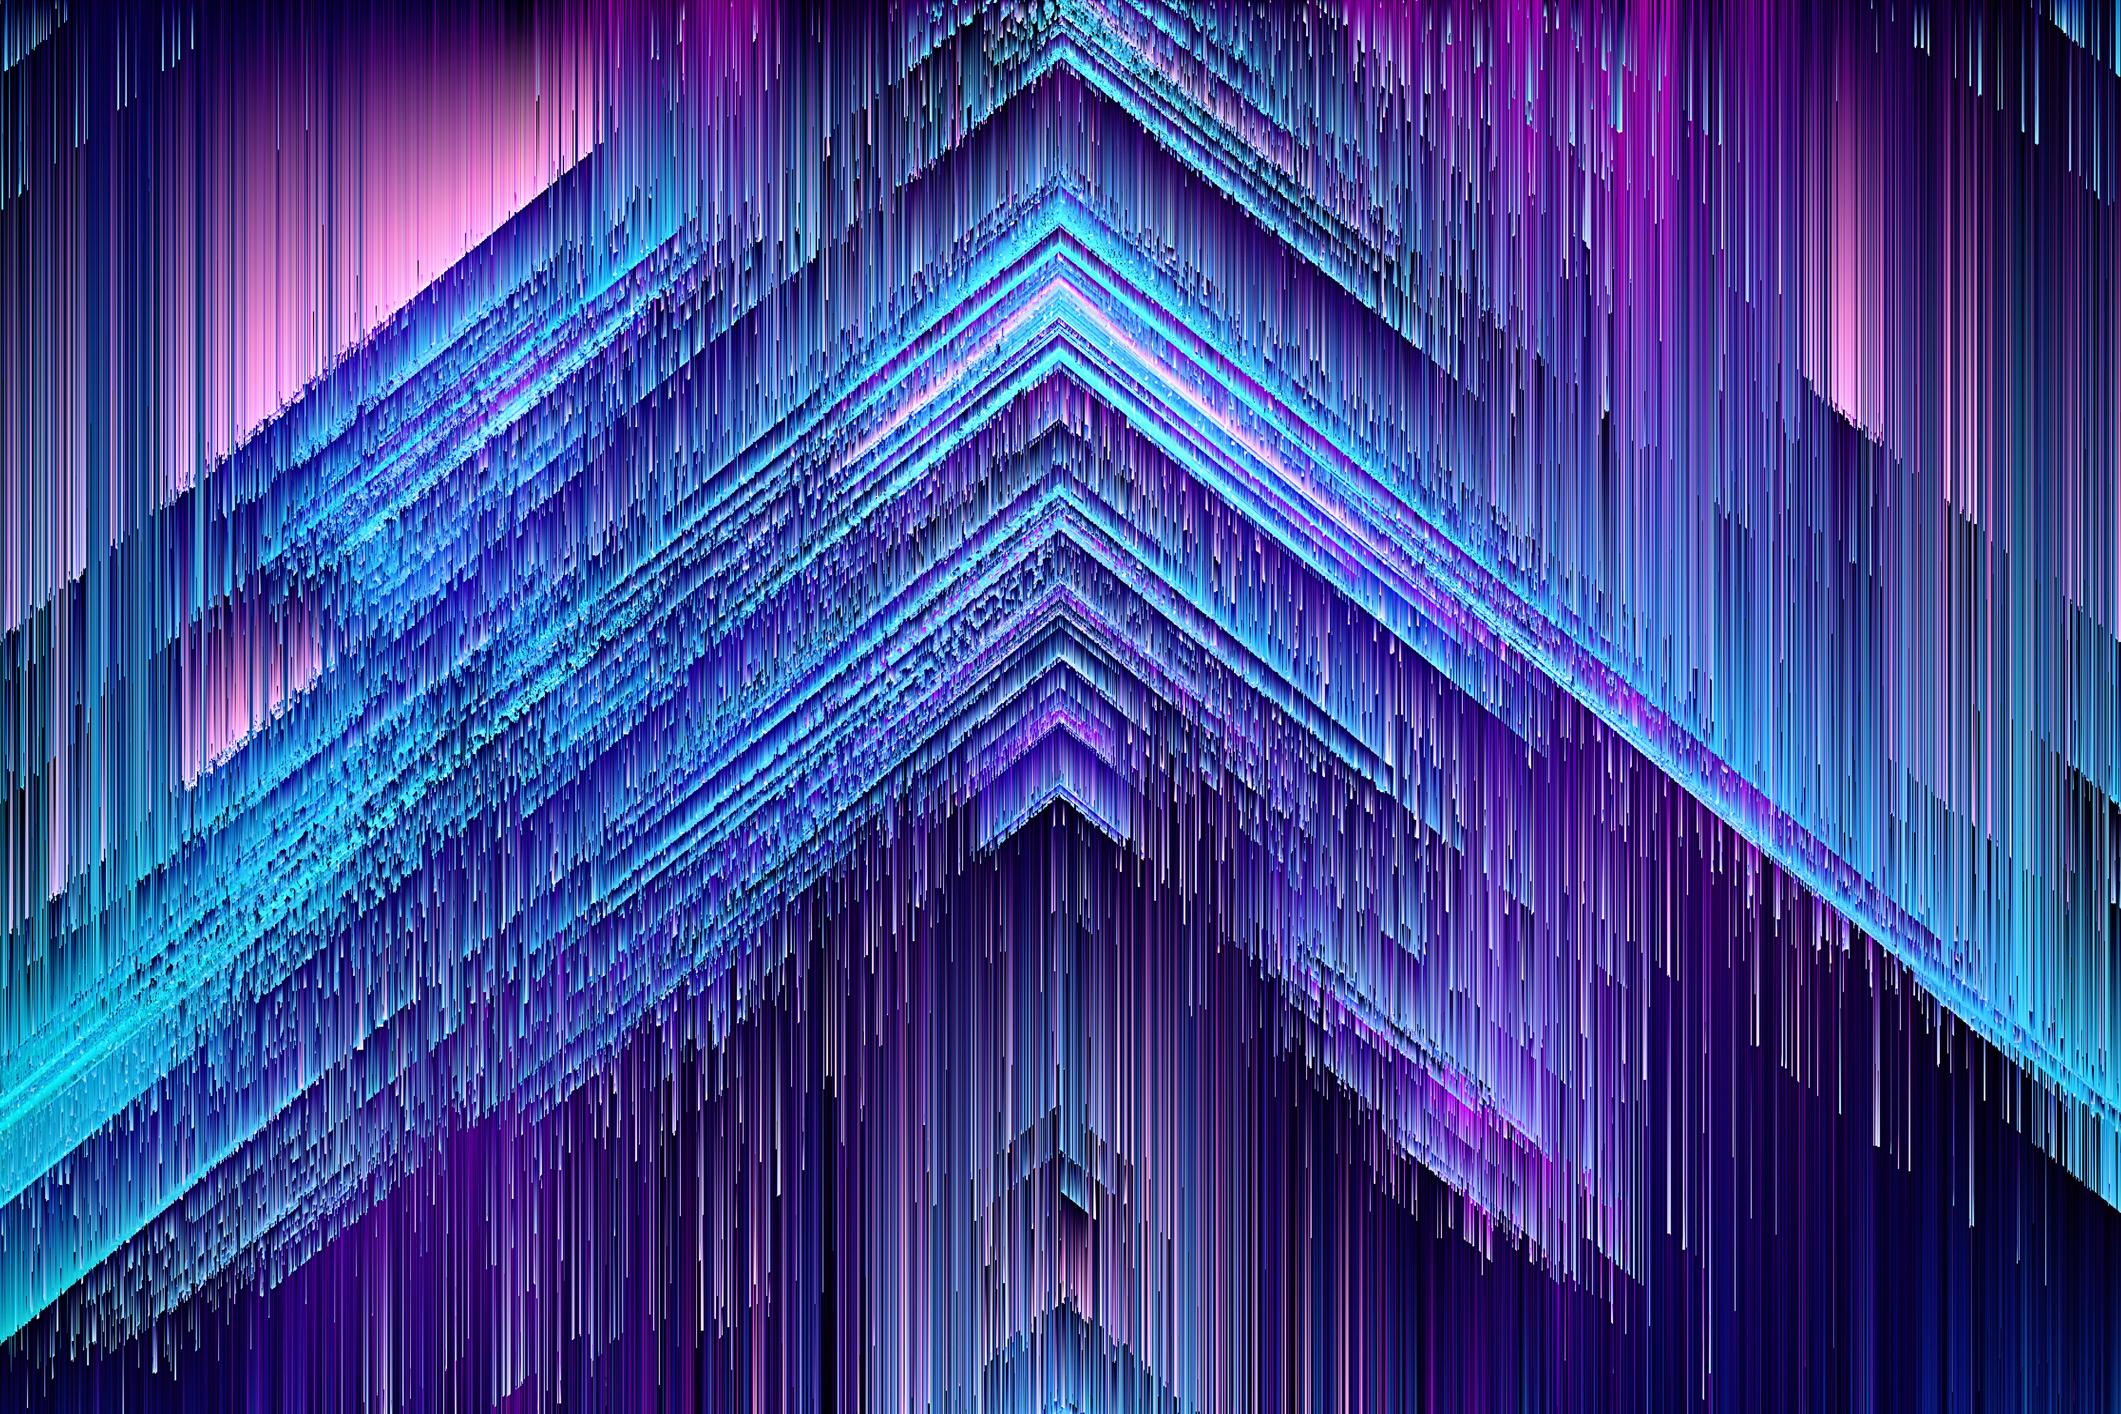 A melting pyramid.